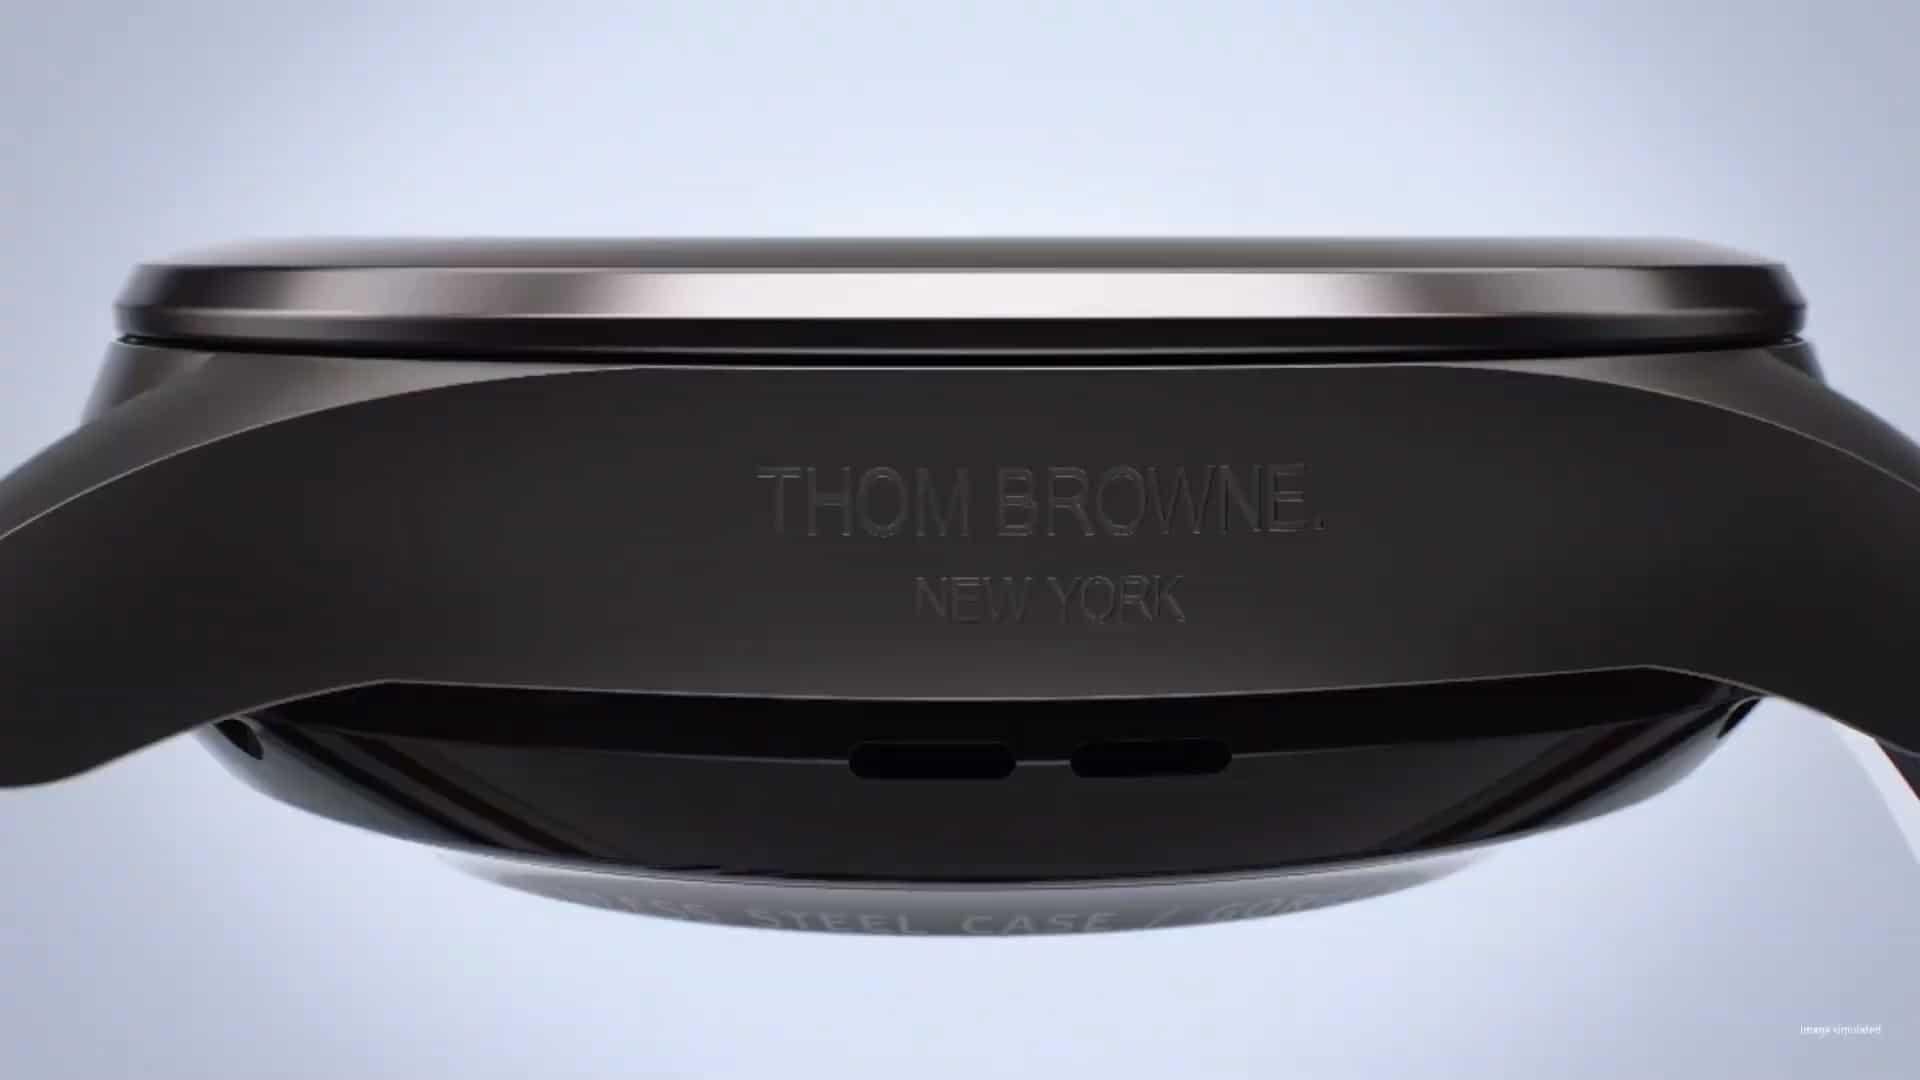 Samsung Galaxy Z Fold 2 Thom Browne Edition 1